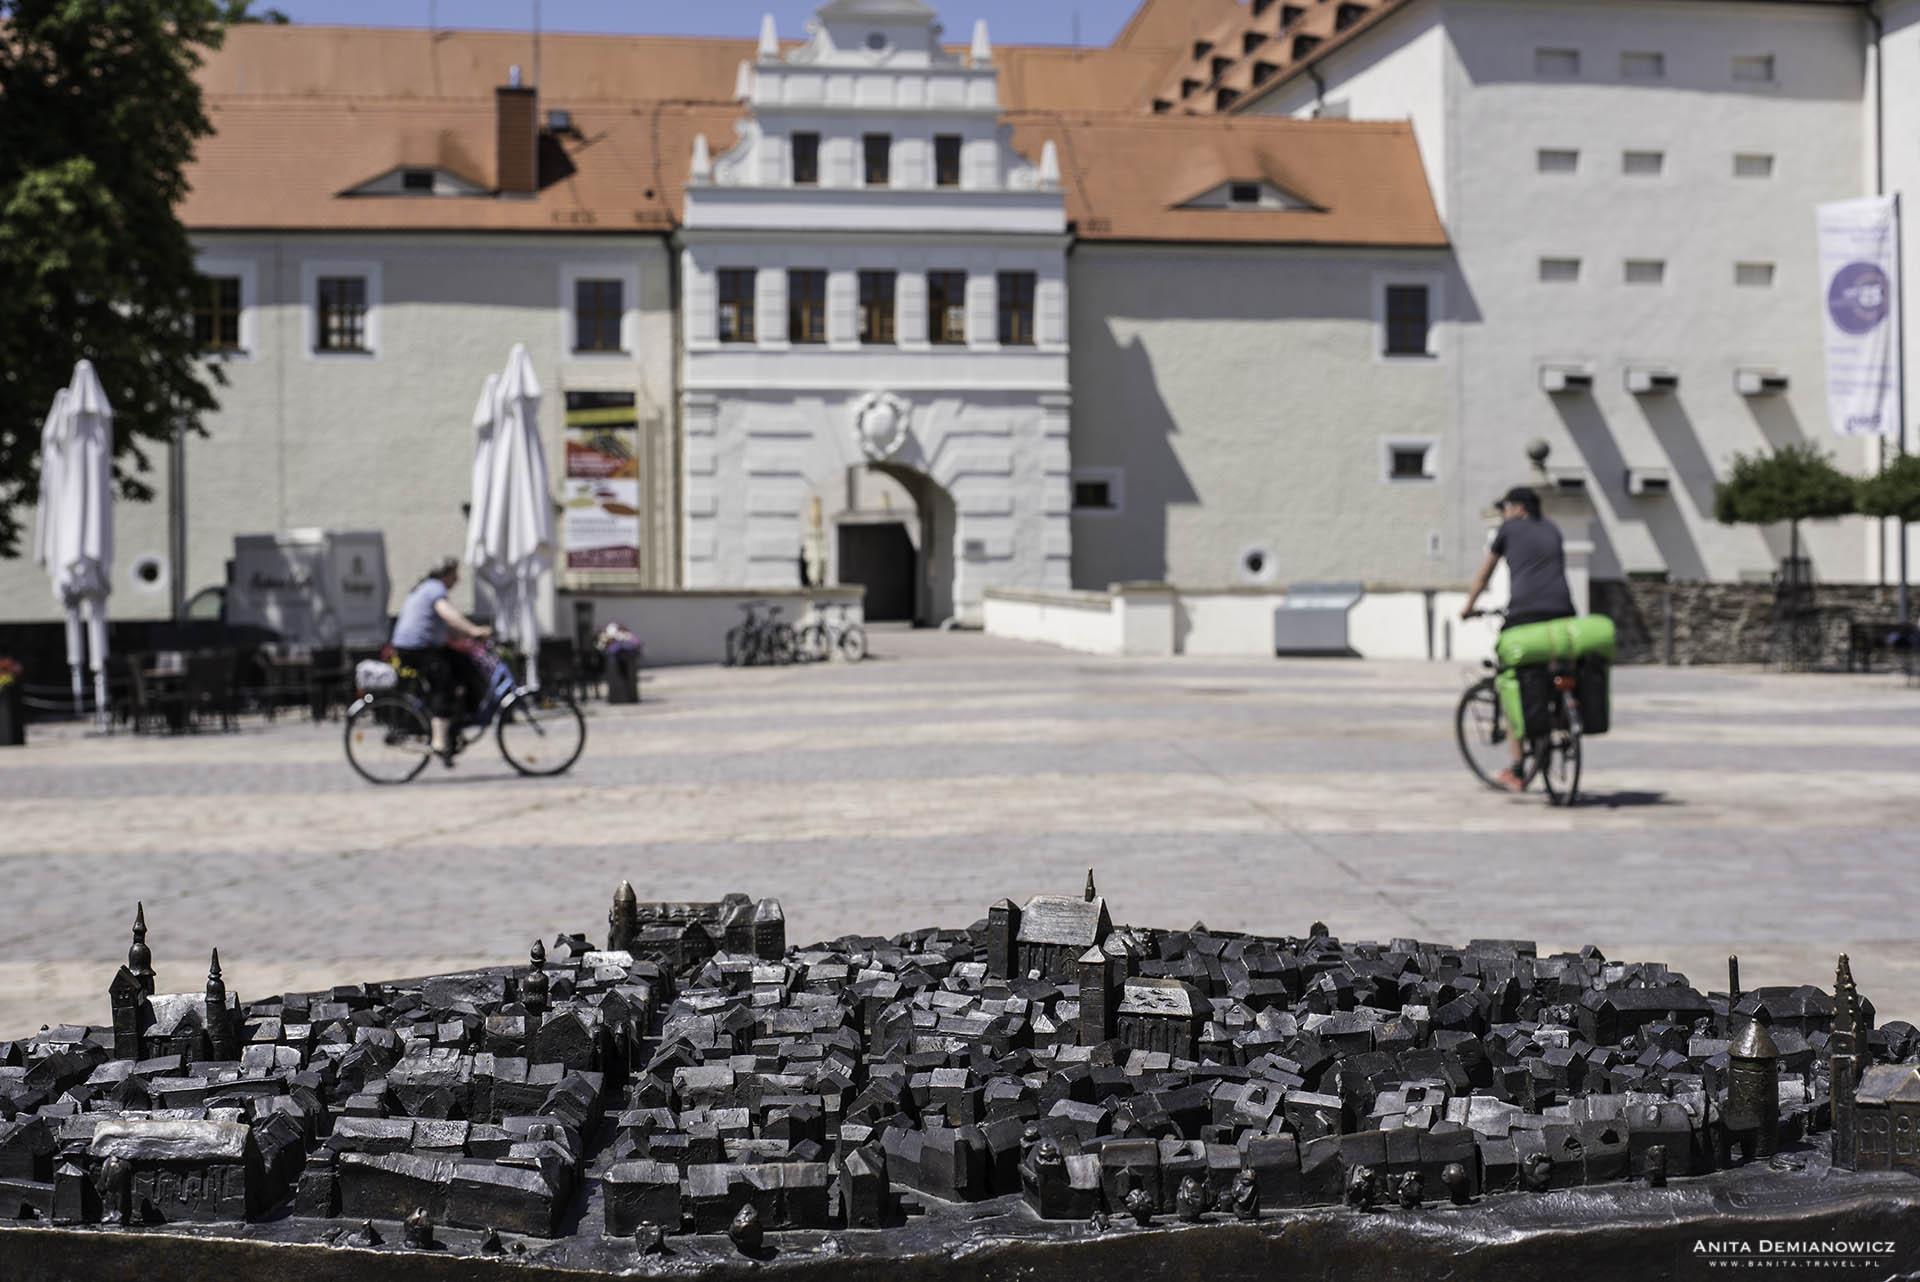 Zamek w mieście Freiberg